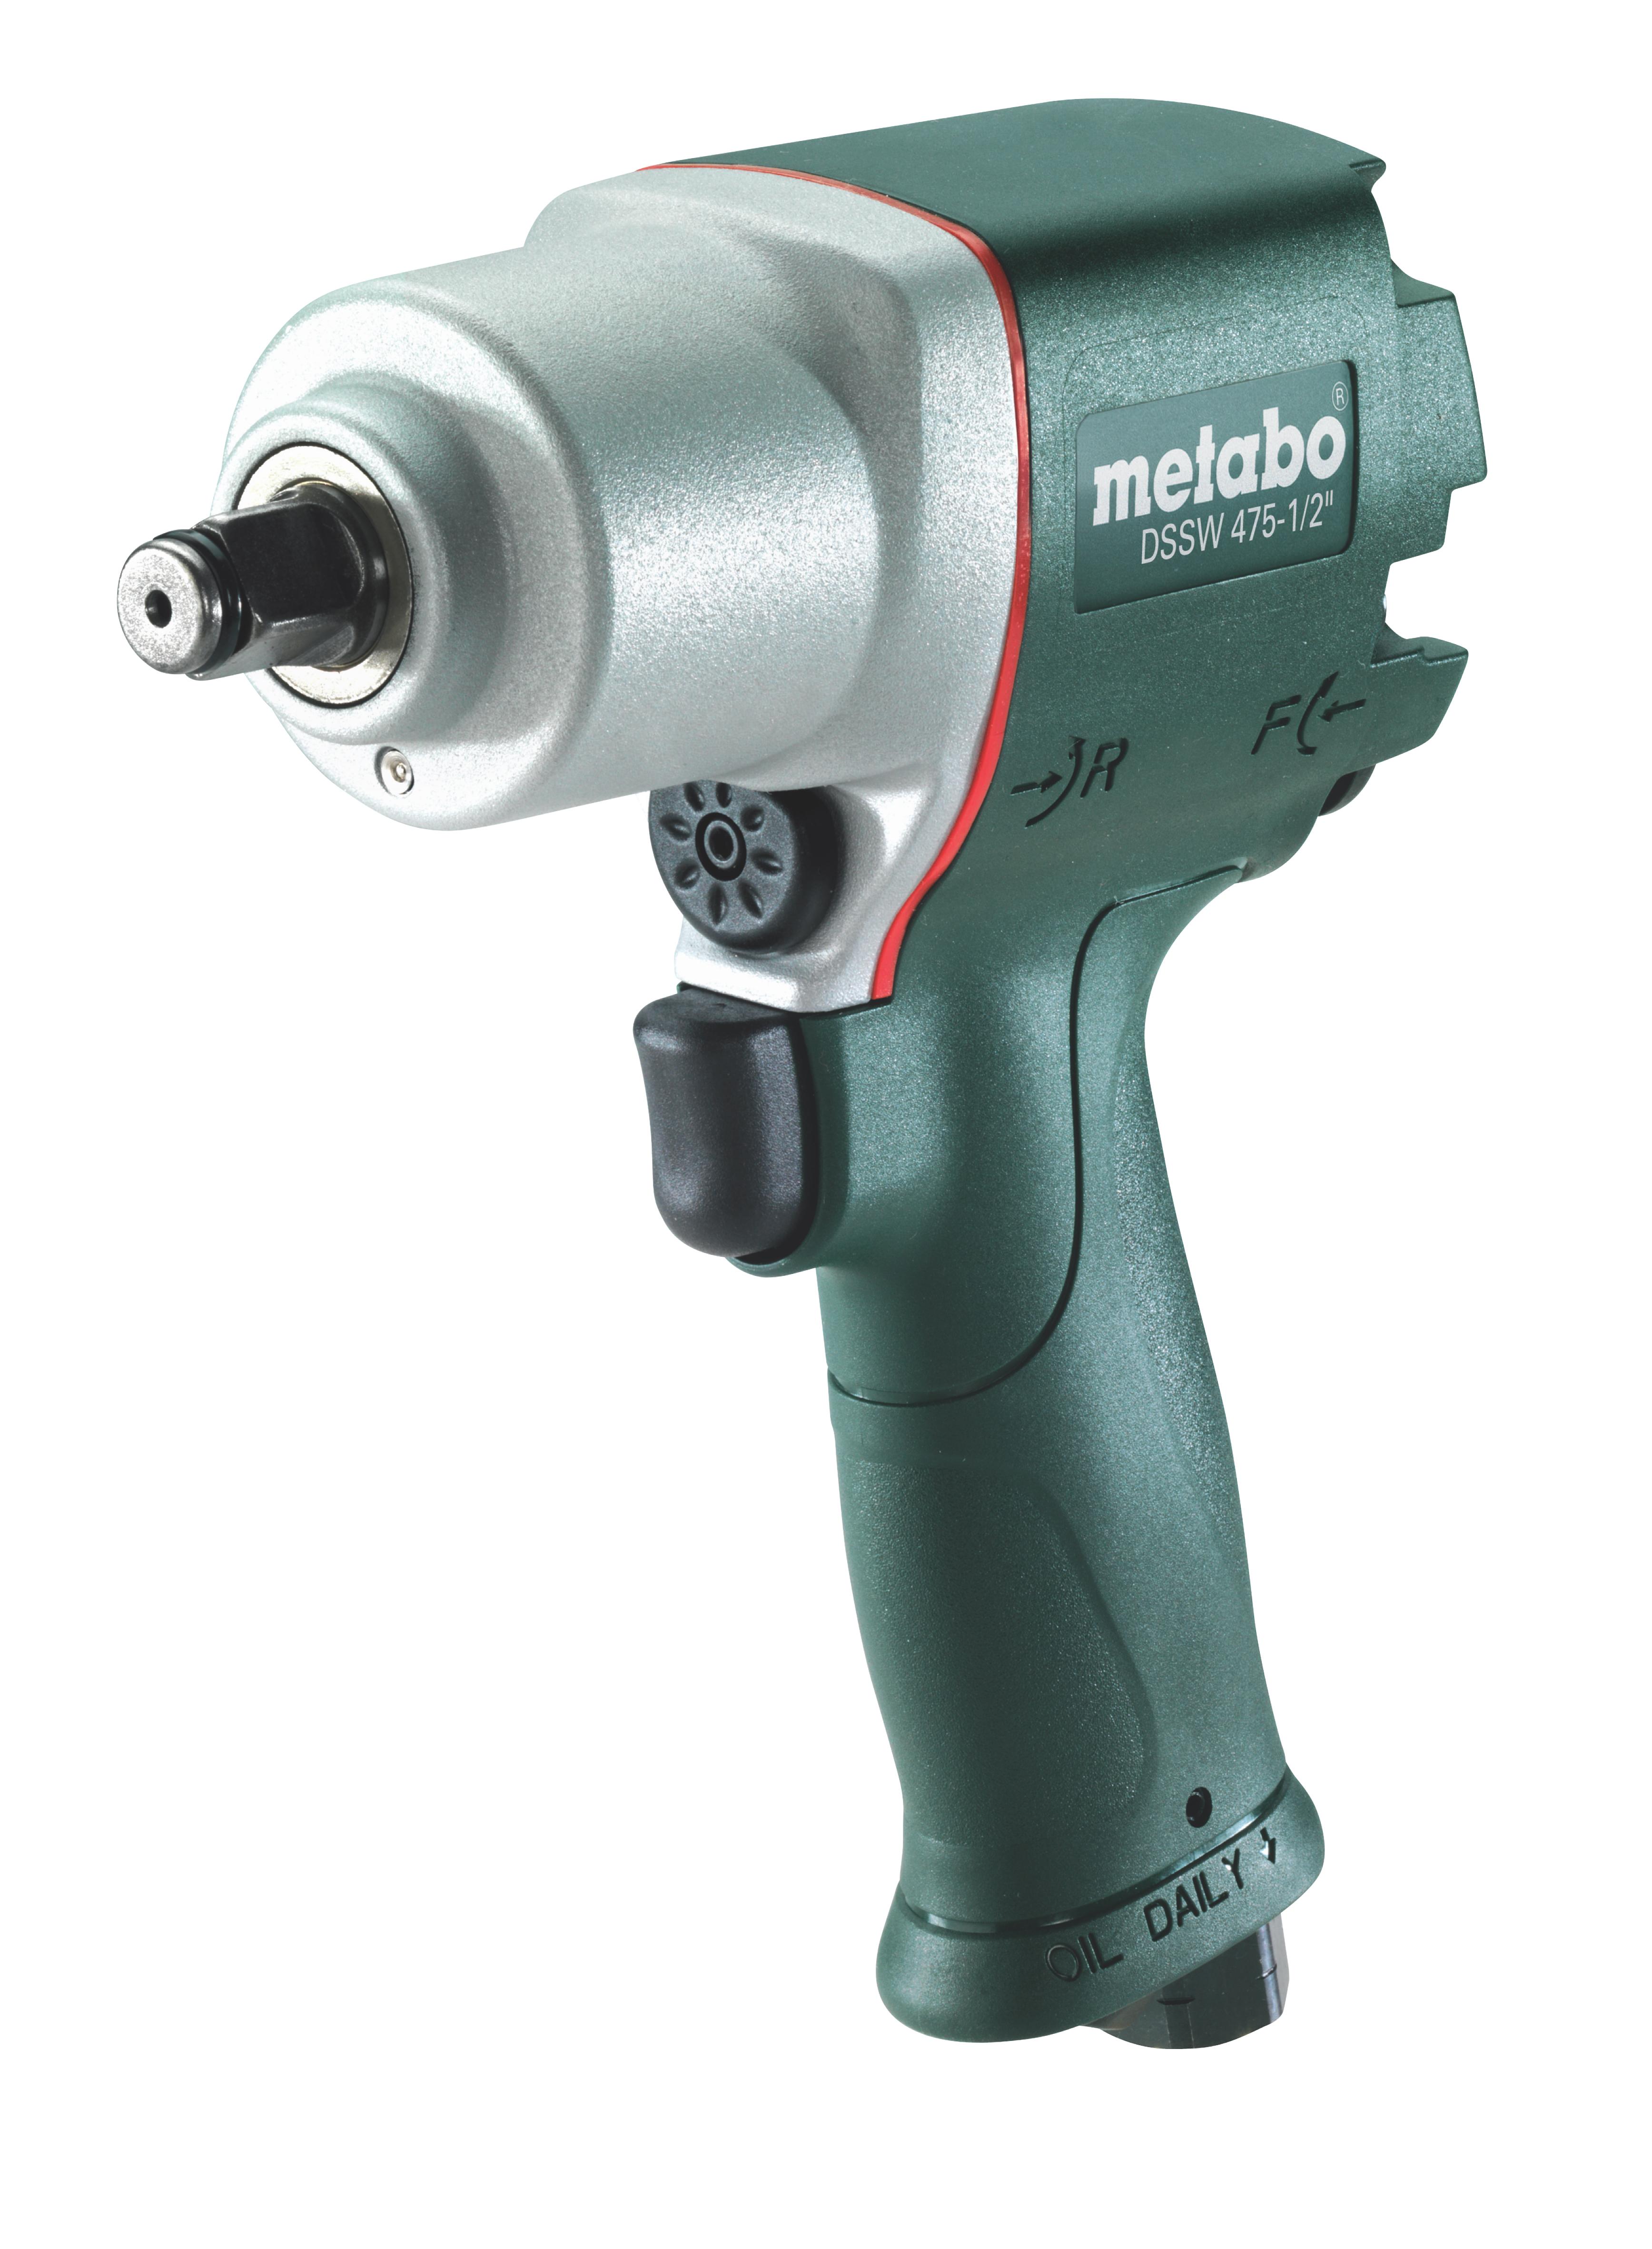 Metabo DSSW 475 - 1/2  ütvecsavarozó 475Nm